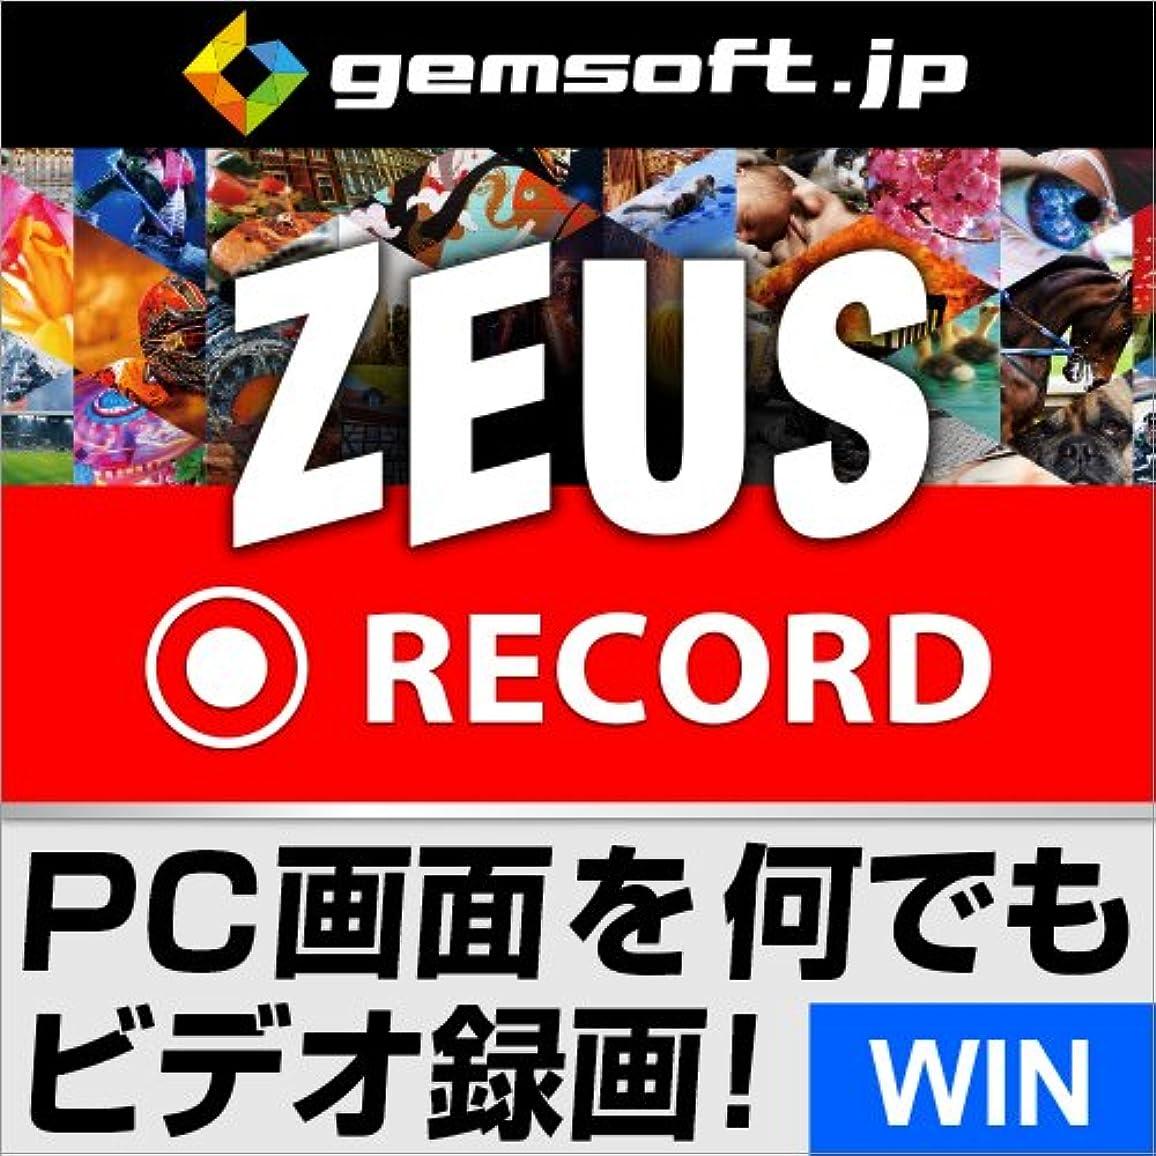 裸主張定数ZEUS Record 録画万能 ~パソコン画面をビデオ録画 Windows版 ダウンロード版